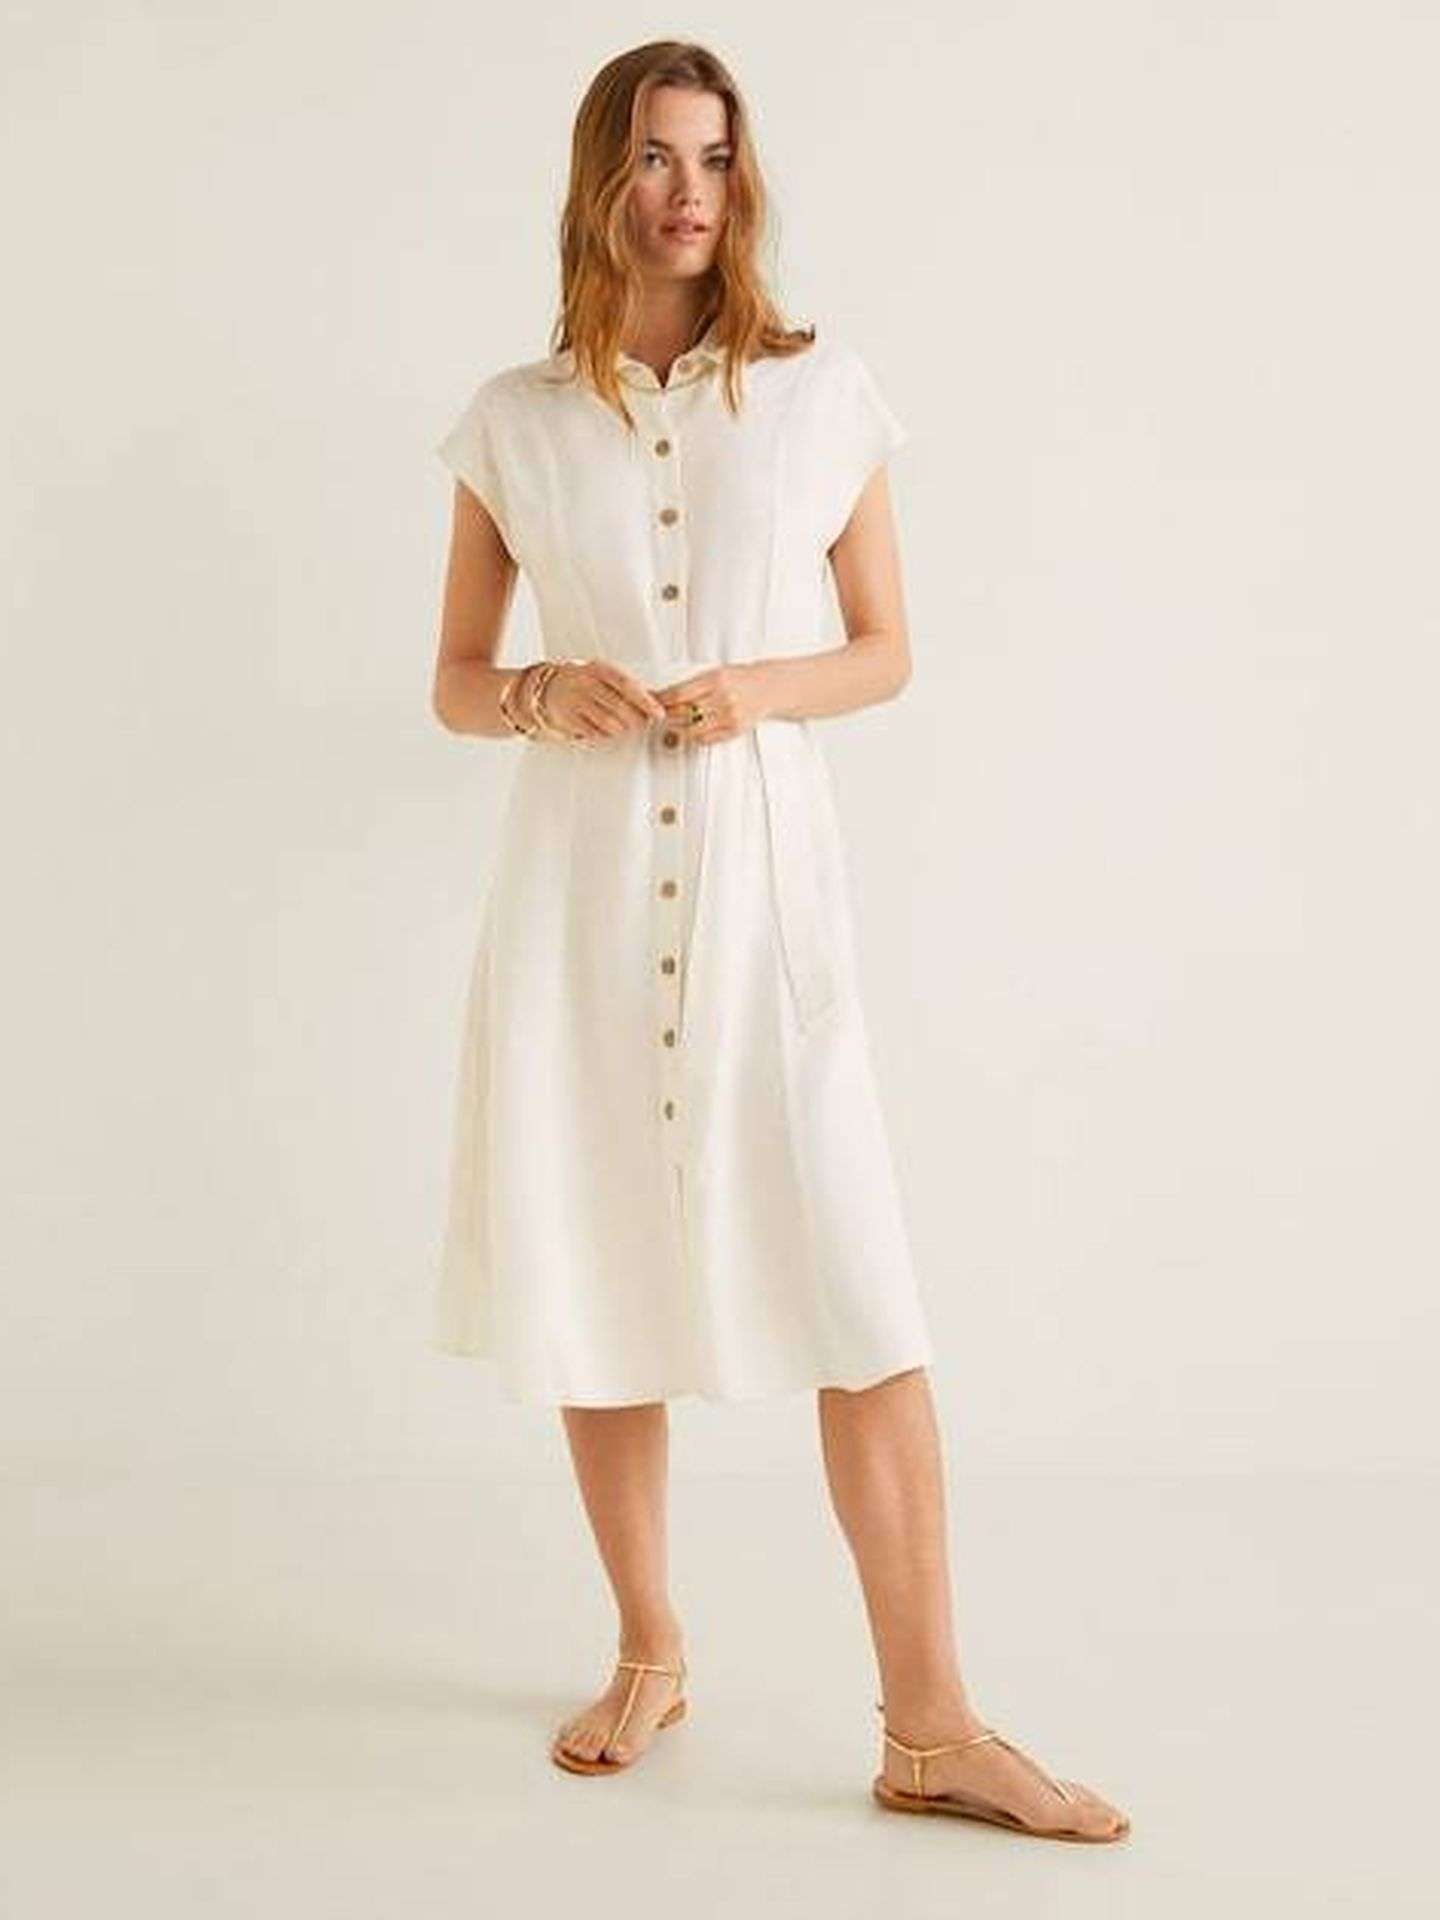 Vestido blanco con botones.